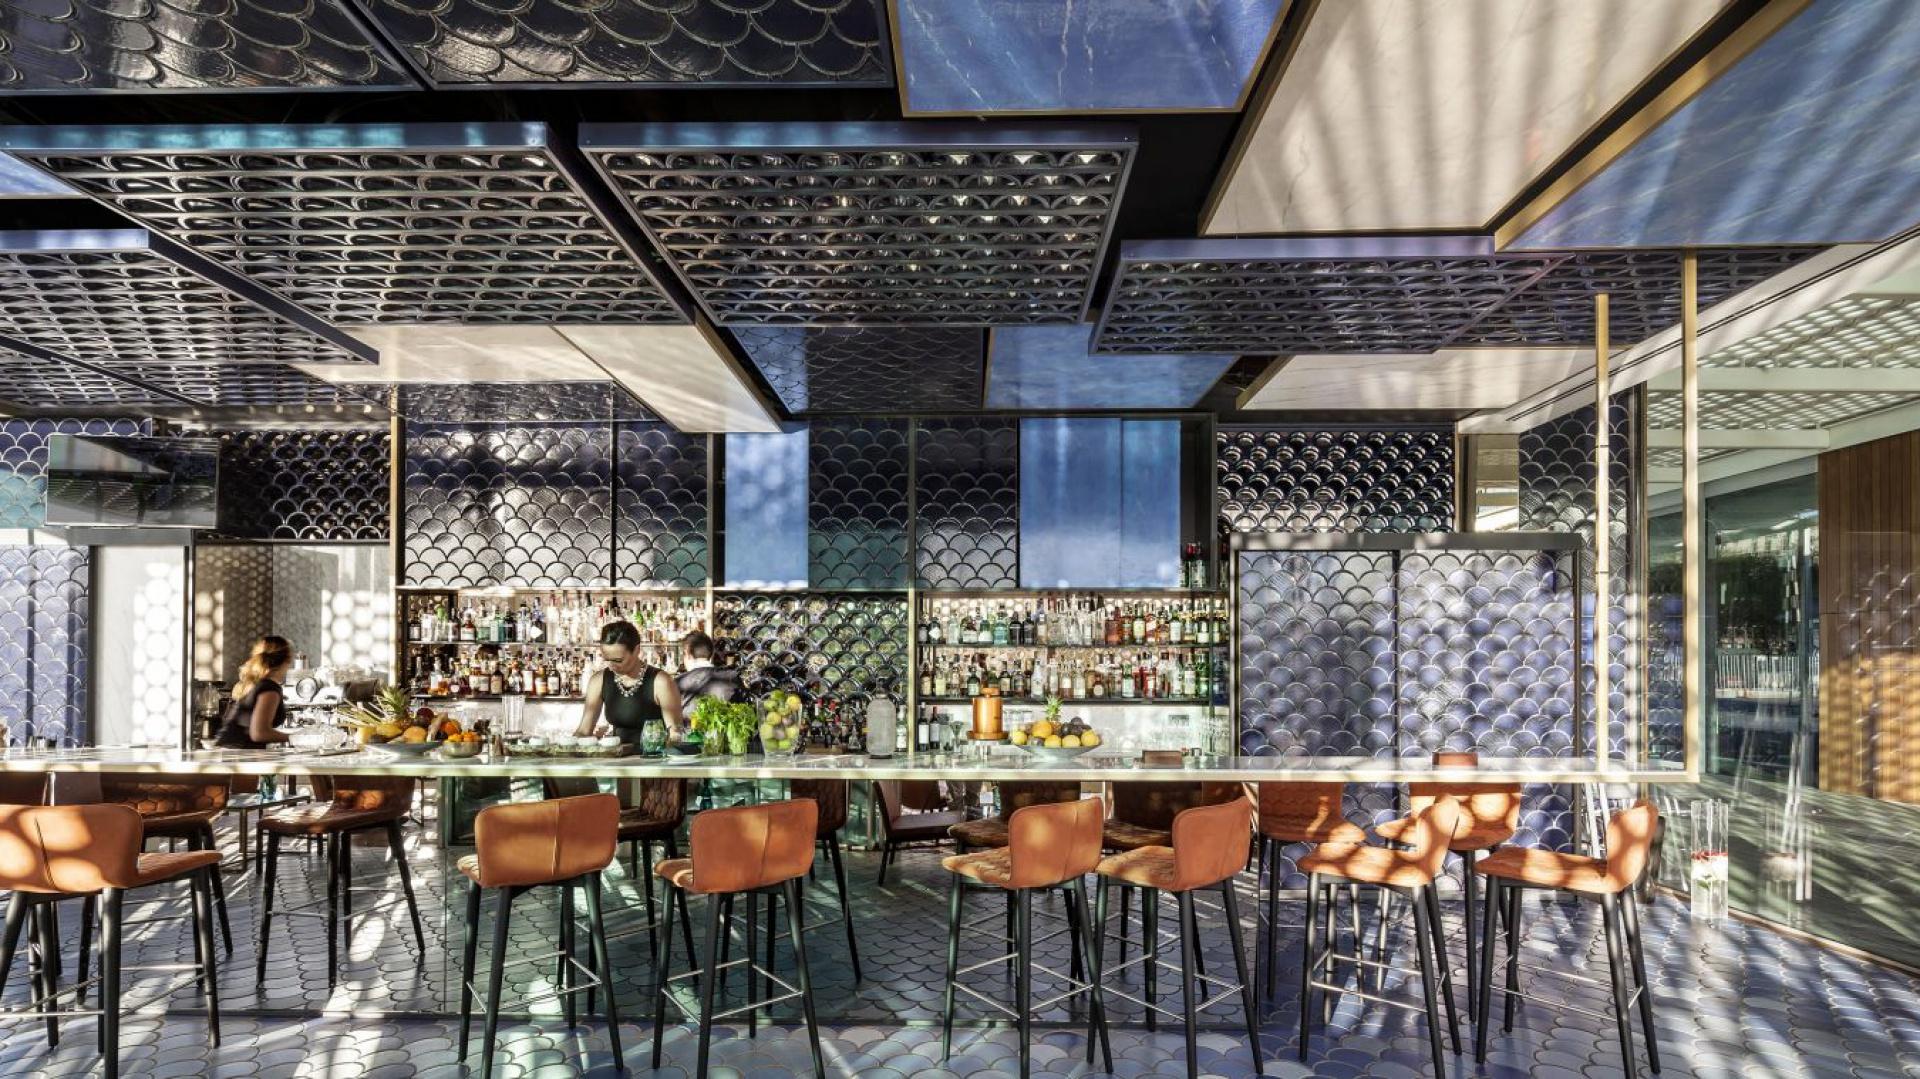 Projekt Blue Wave Coctail Bar został najwyżej oceniony w kategorii projekt wnętrz. Fot. Adria Goula